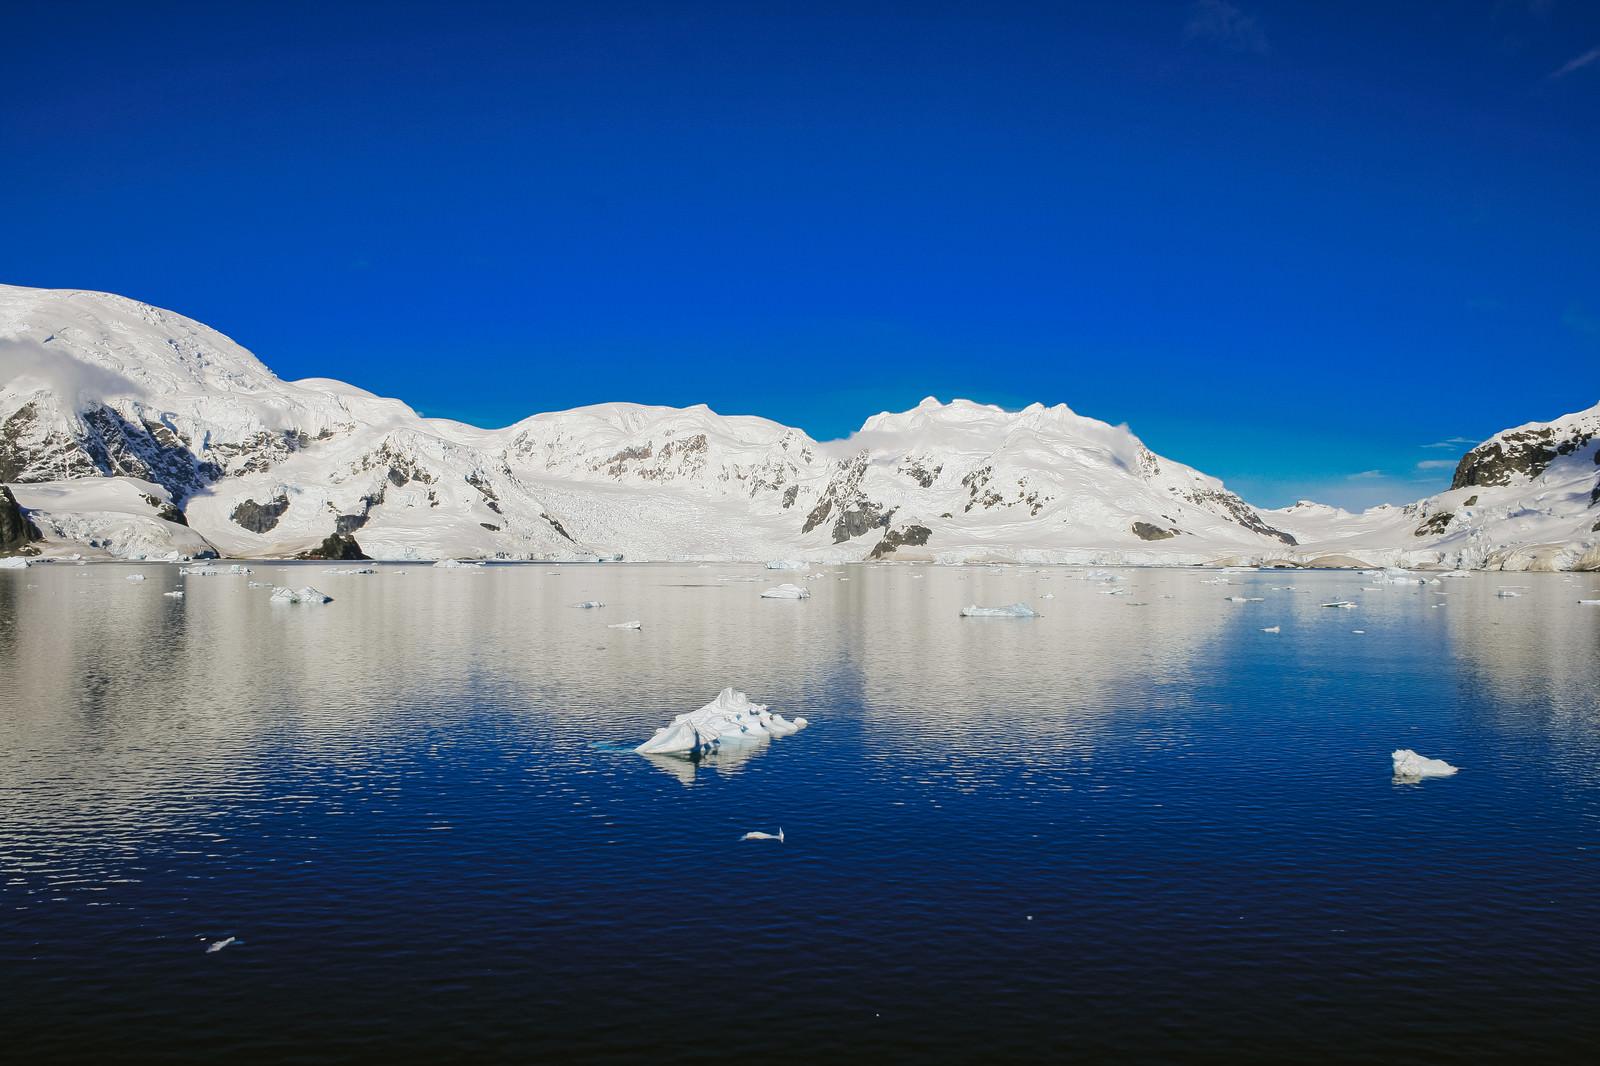 「快晴の南極大陸快晴の南極大陸」のフリー写真素材を拡大